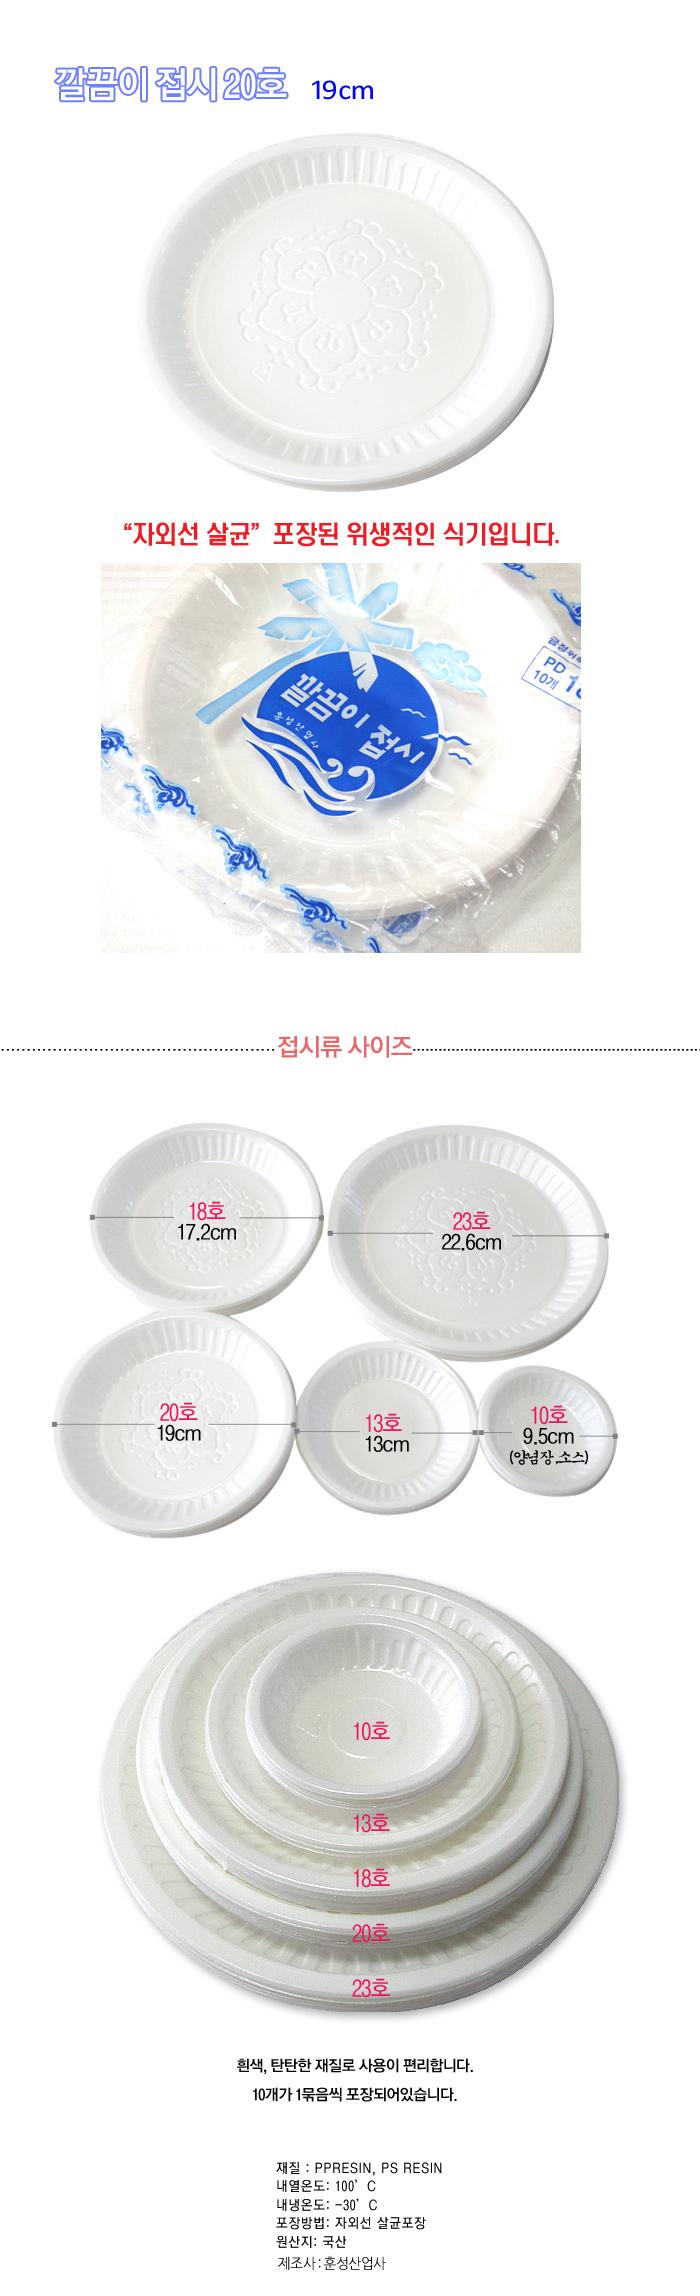 일회용접시 20호 50개 (19cm) 1회용식기 자외선살균 - 포리빙, 4,790원, 접시/찬기, 접시